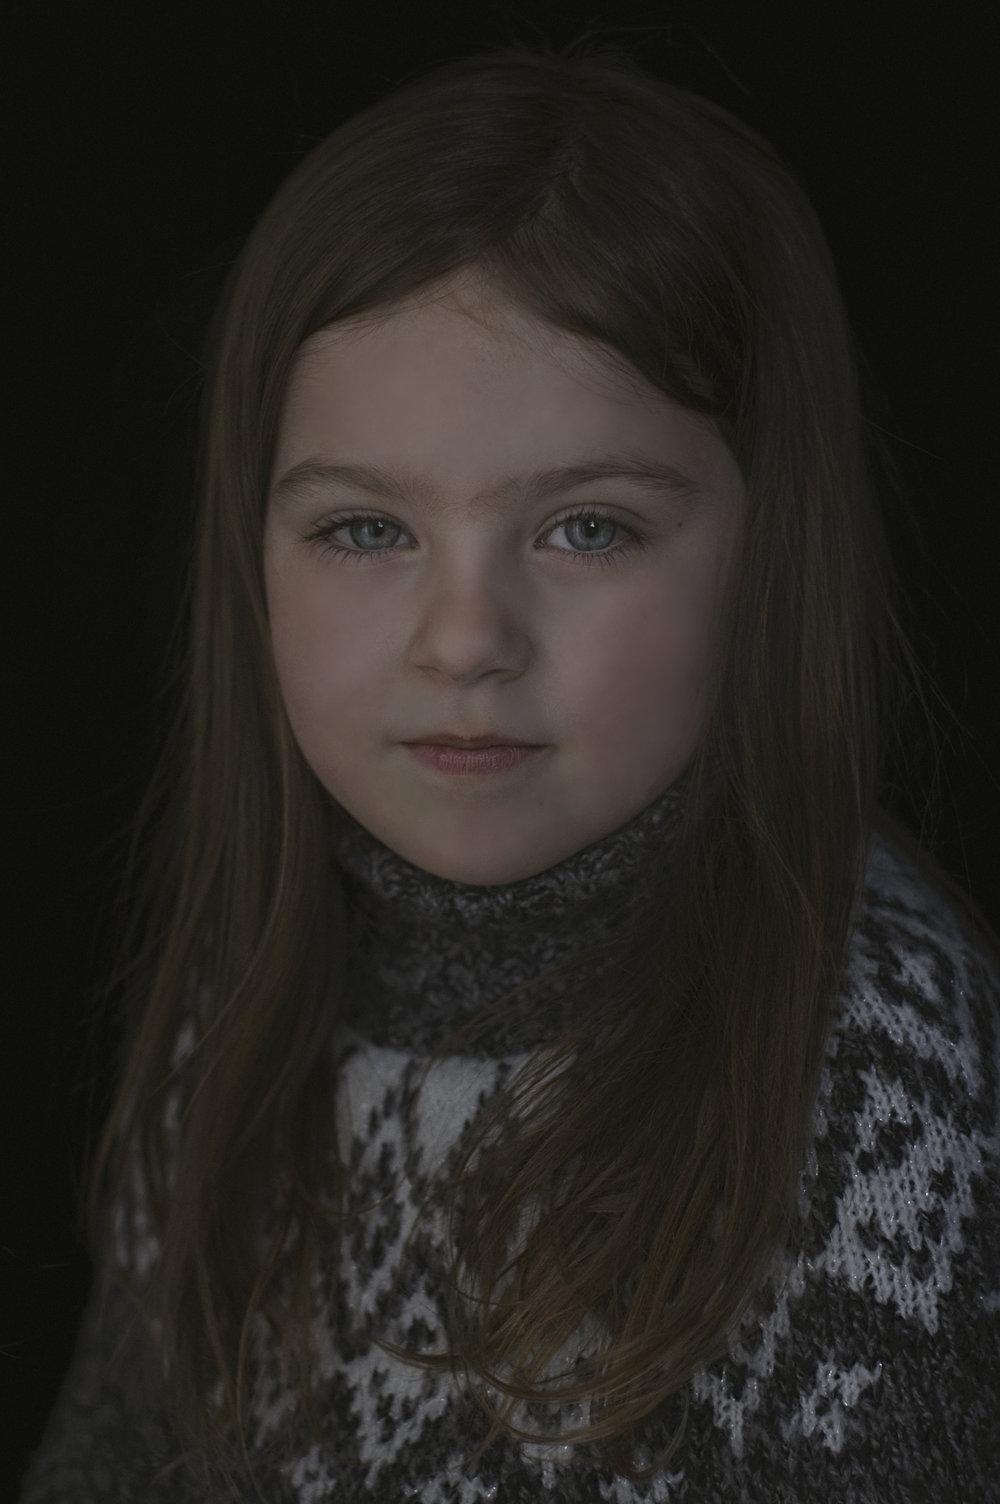 Heirloom Childrens Portrait